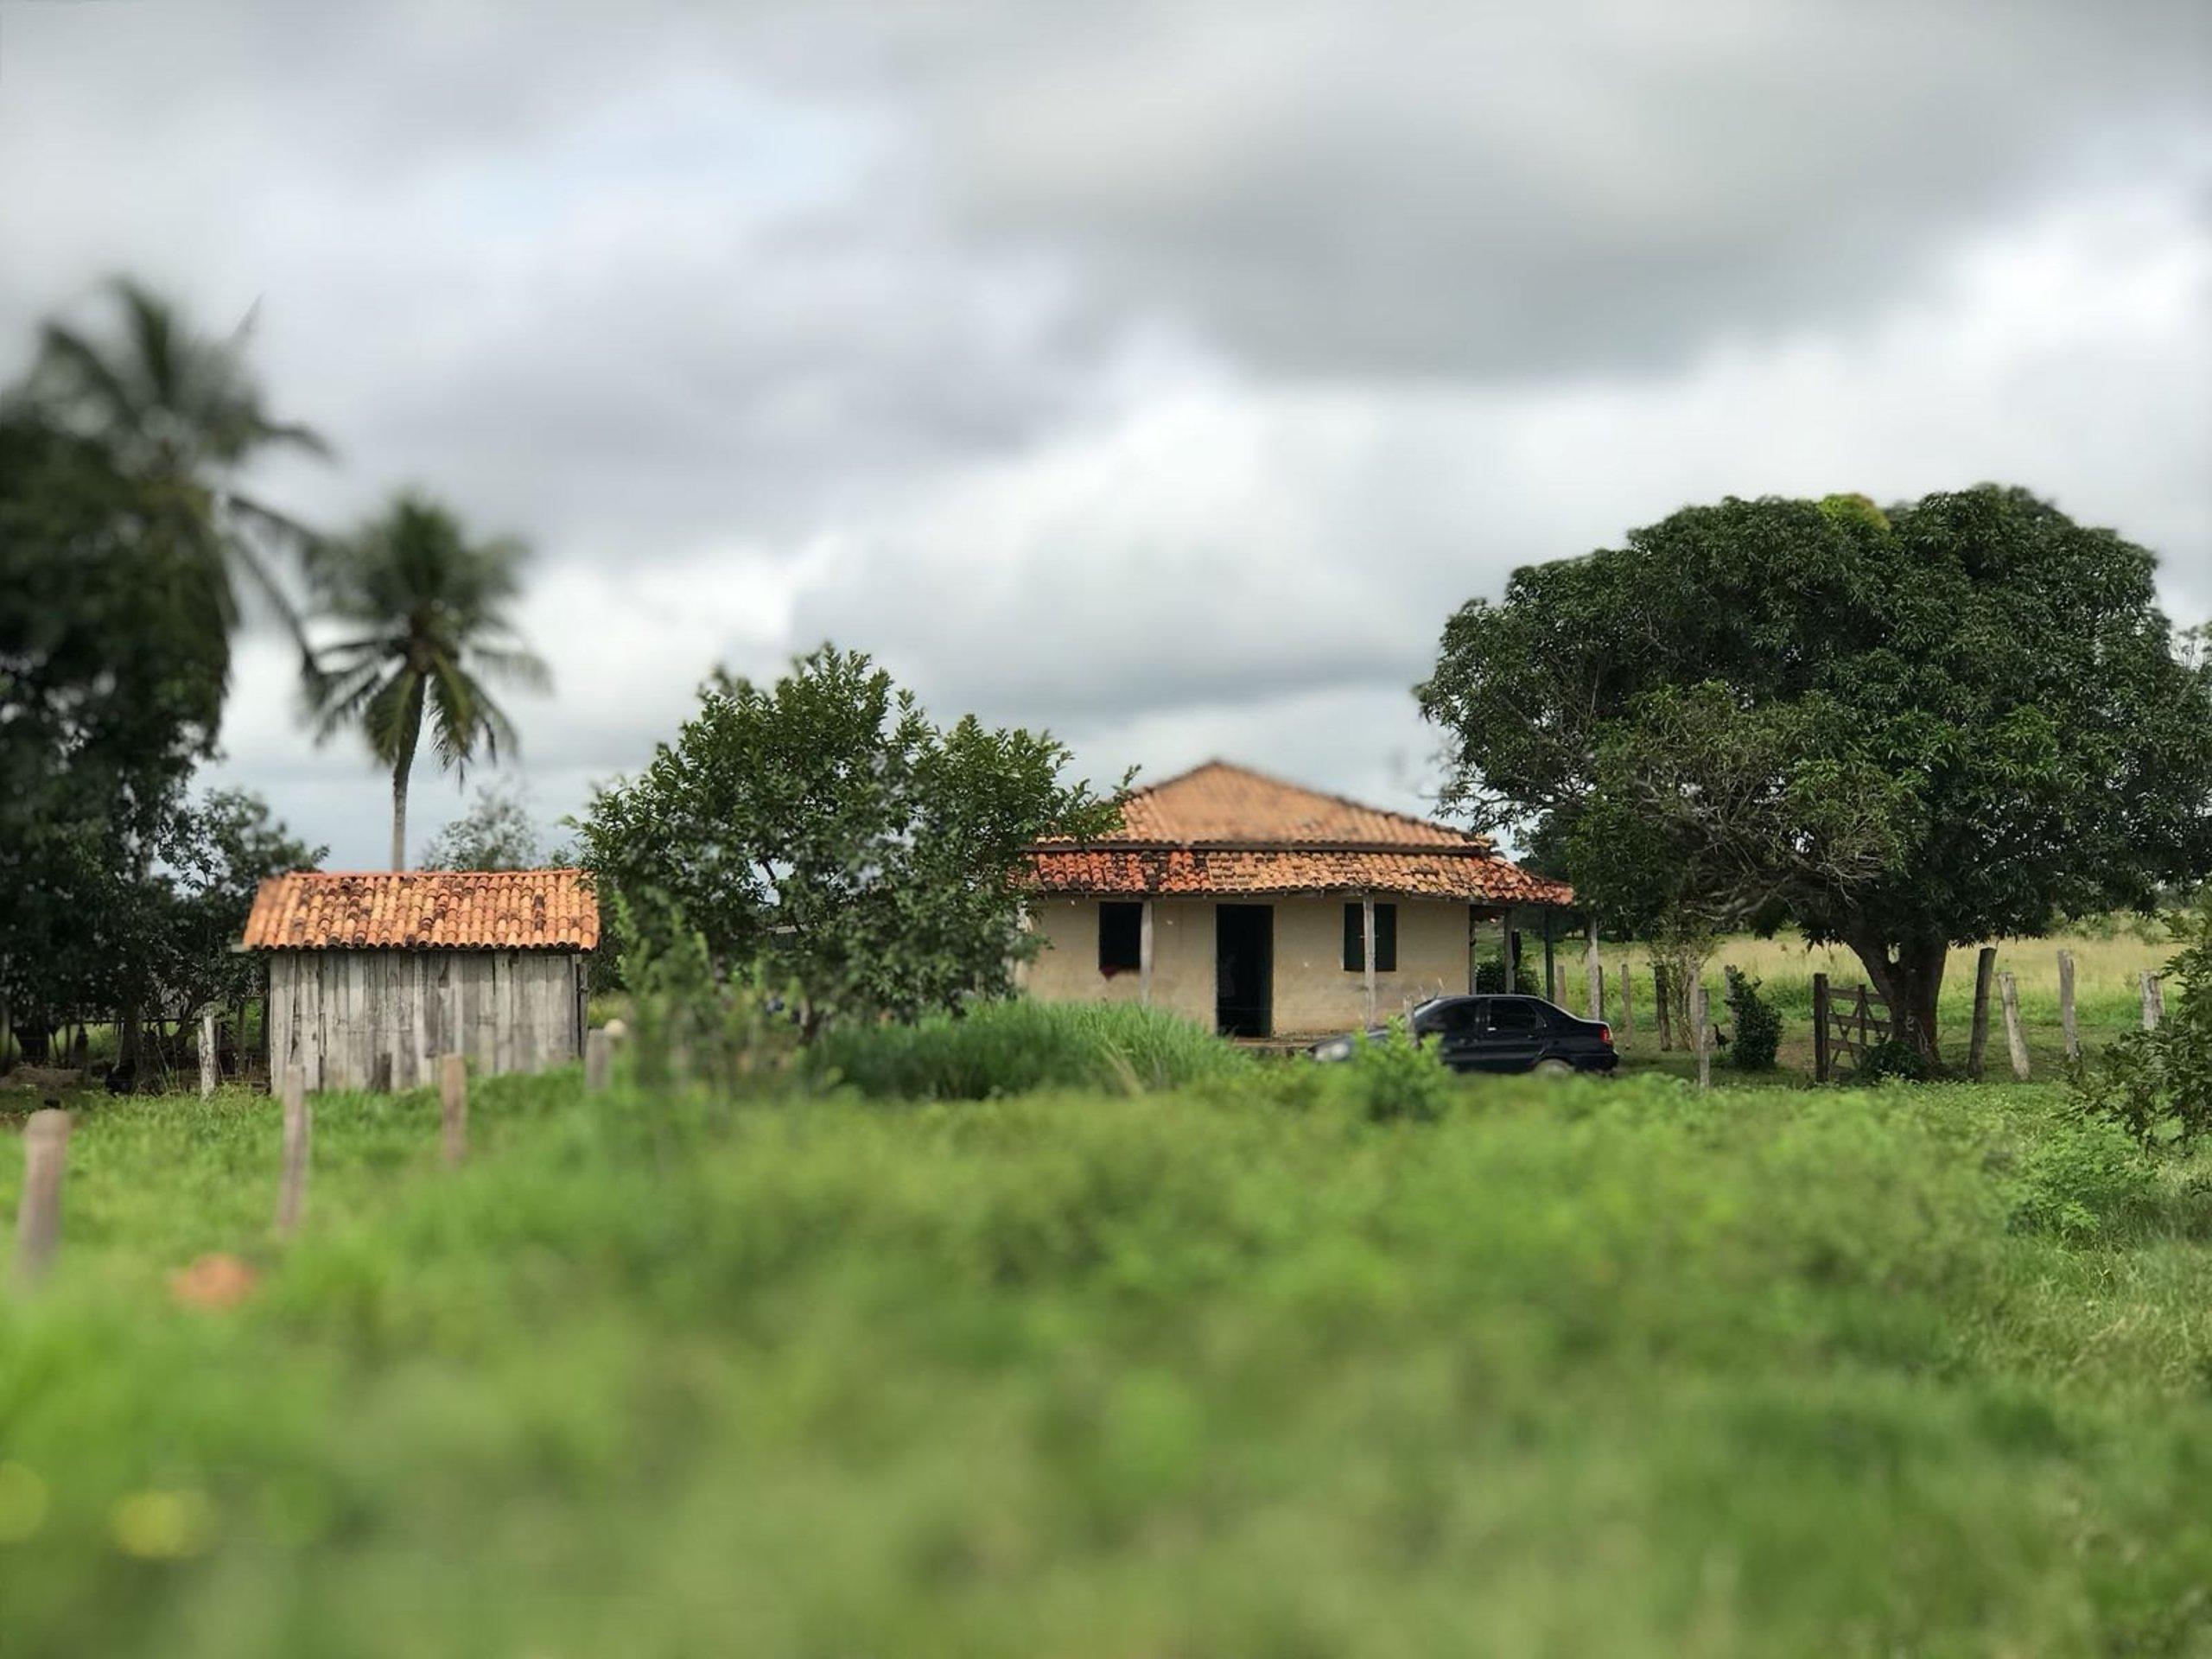 Bom Jesus do Tocantins Tocantins fonte: media-cdn.tripadvisor.com